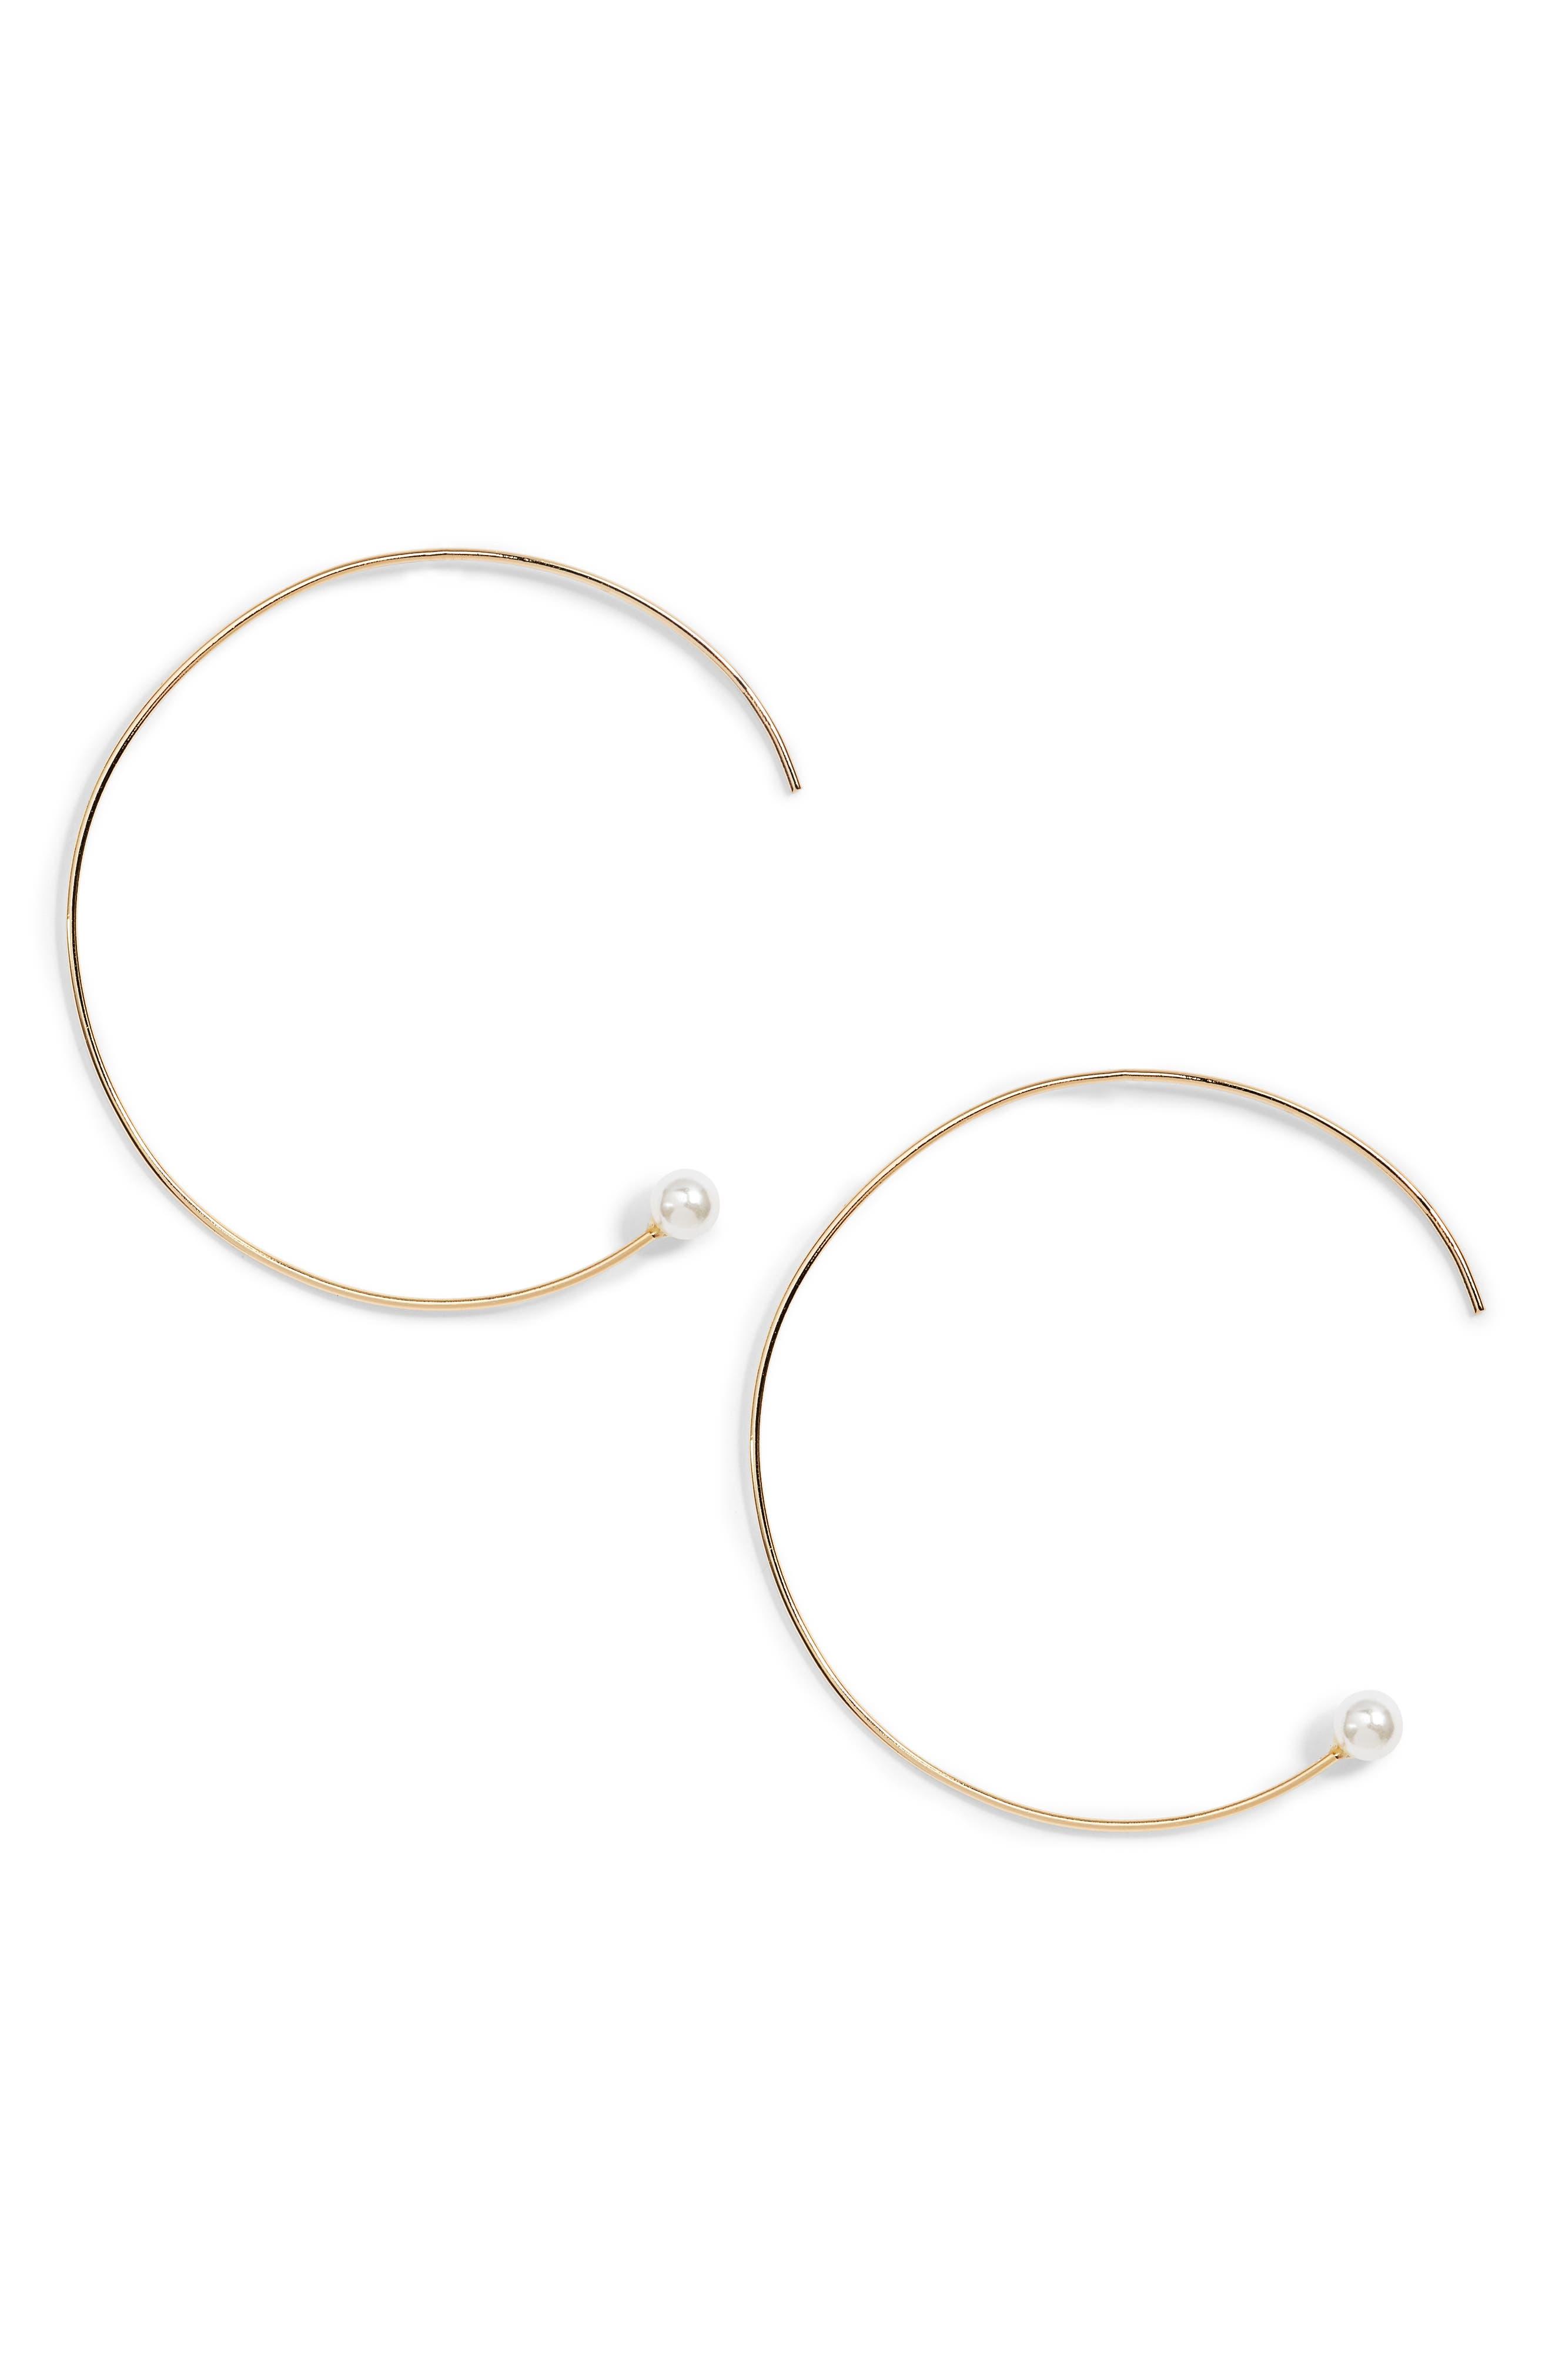 Yoshi Imitation Pearl Hoop Earrings,                             Main thumbnail 1, color,                             710